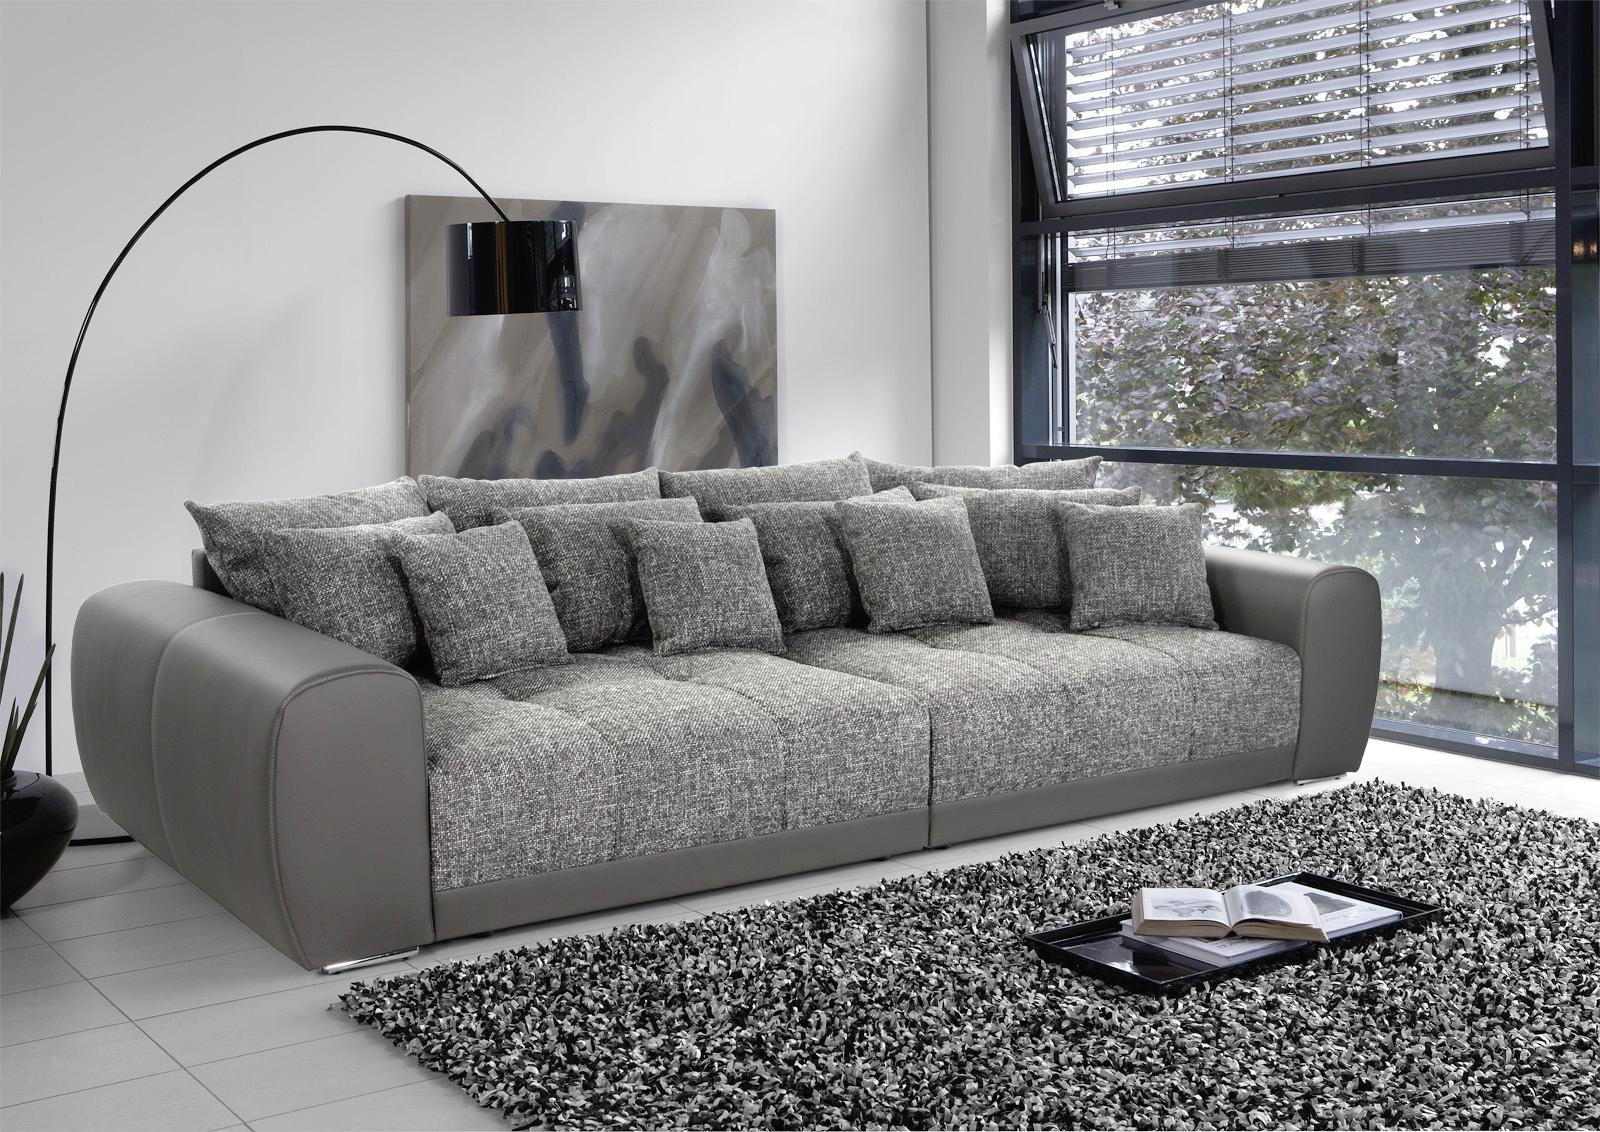 Full Size of Big Sofa Poco Couch Gunstig Himolla Höffner W Schillig Aus Matratzen Sitzsack Delife Xxxl Mit Schlaffunktion Esszimmer Grün Schlafsofa Liegefläche 180x200 Sofa Big Sofa Poco